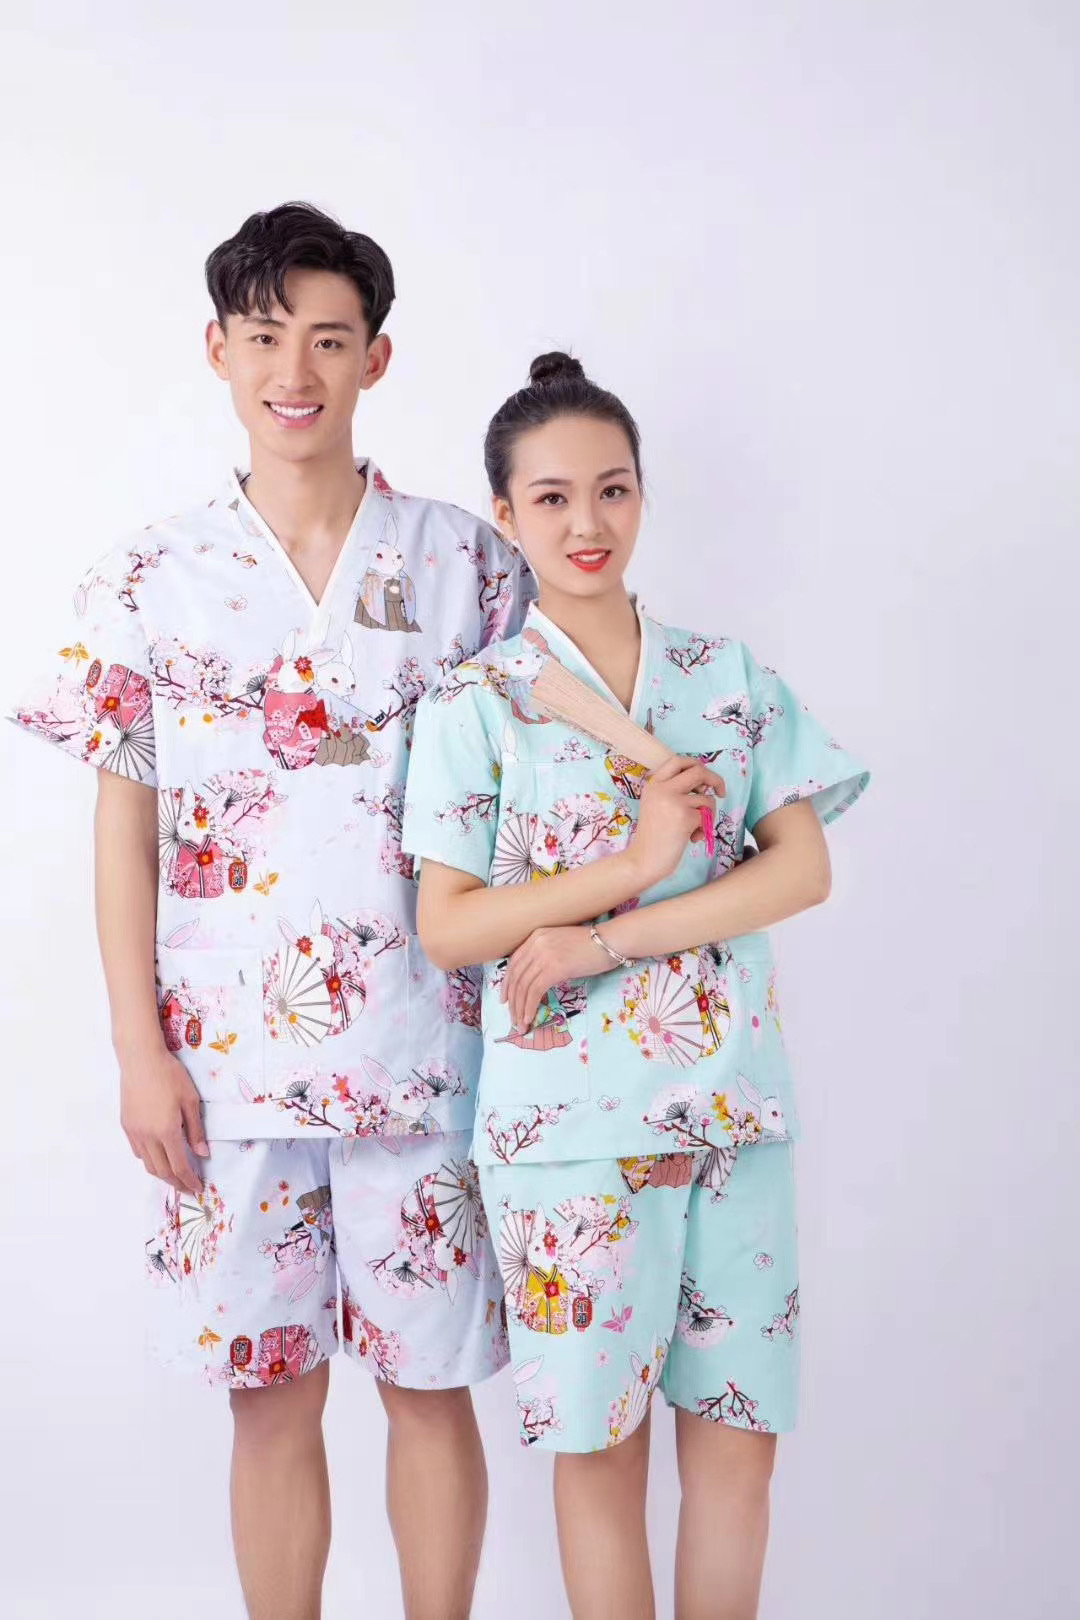 君芝友酒店用品割絨浴袍 酒店用彩色卡通睡衣 五星級酒店全棉浴服產品展示